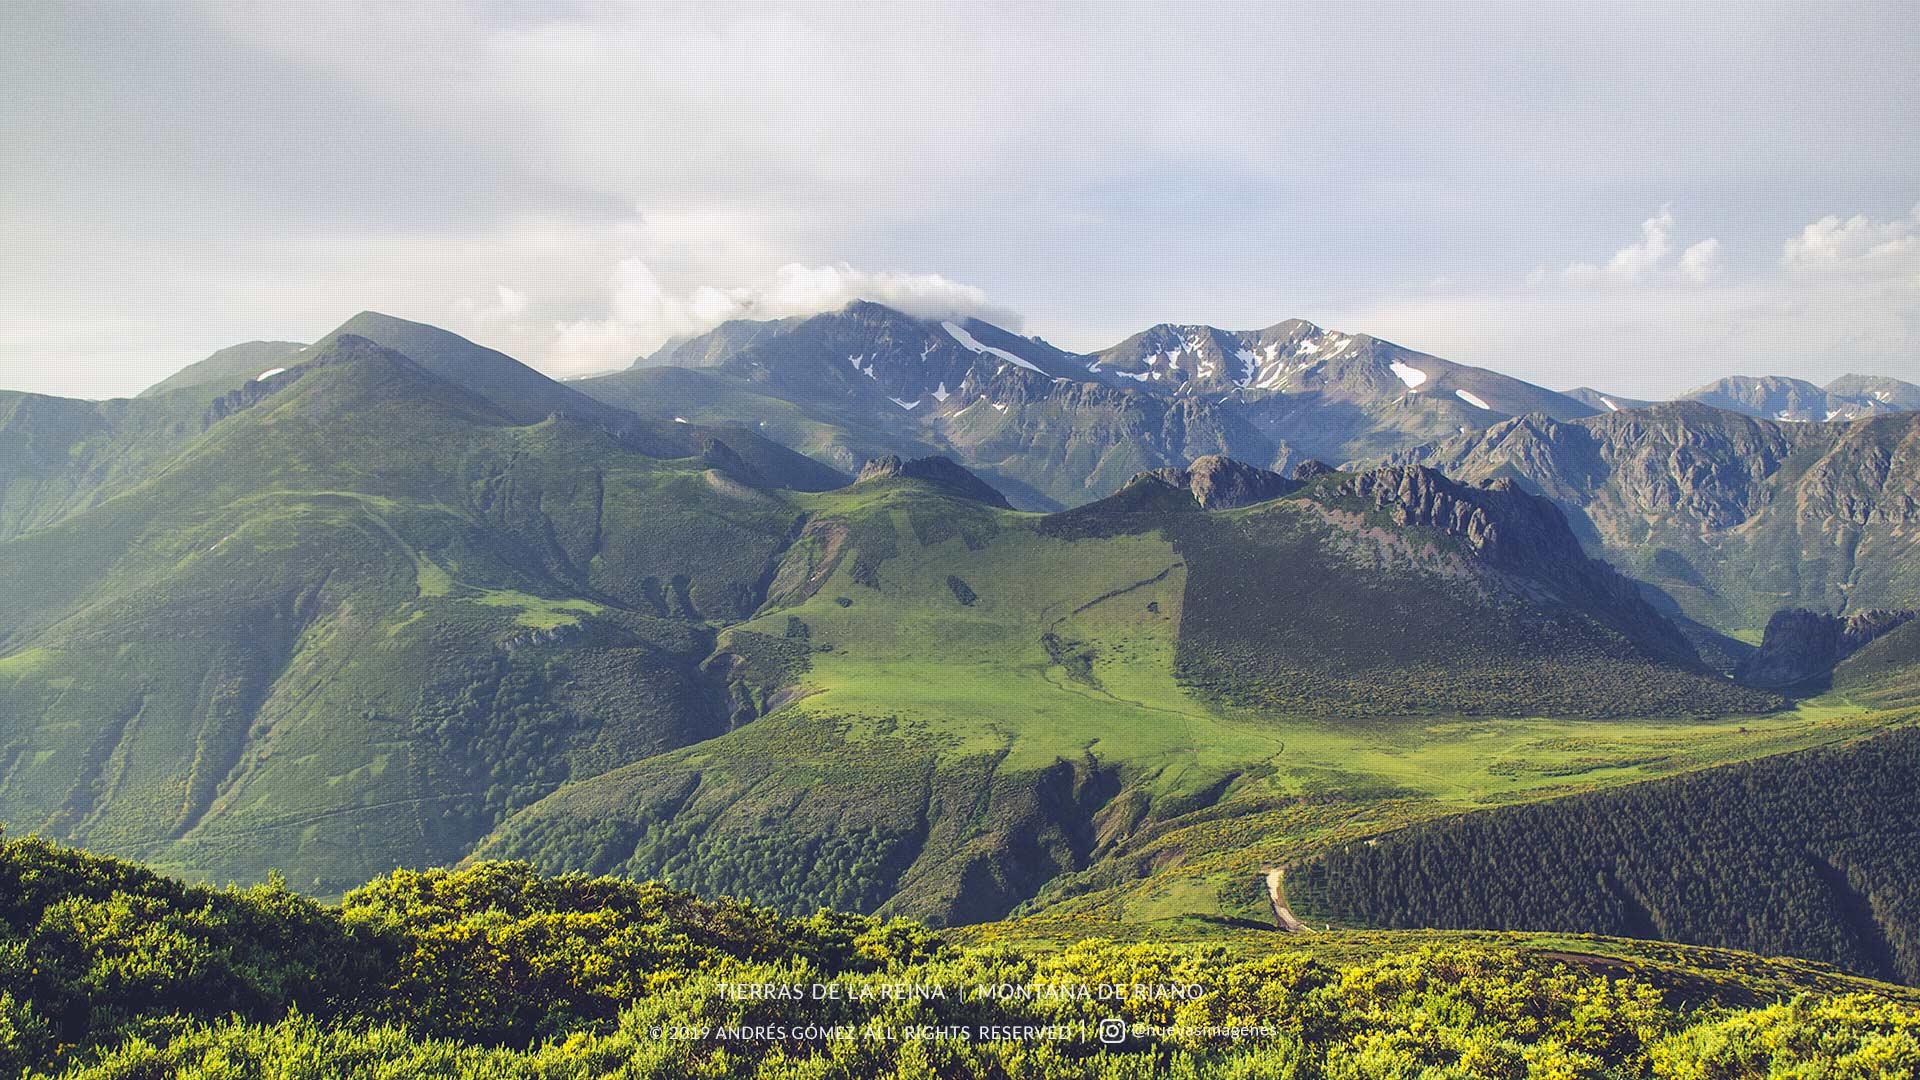 Tierras de la Reina desde Sierra Mediana